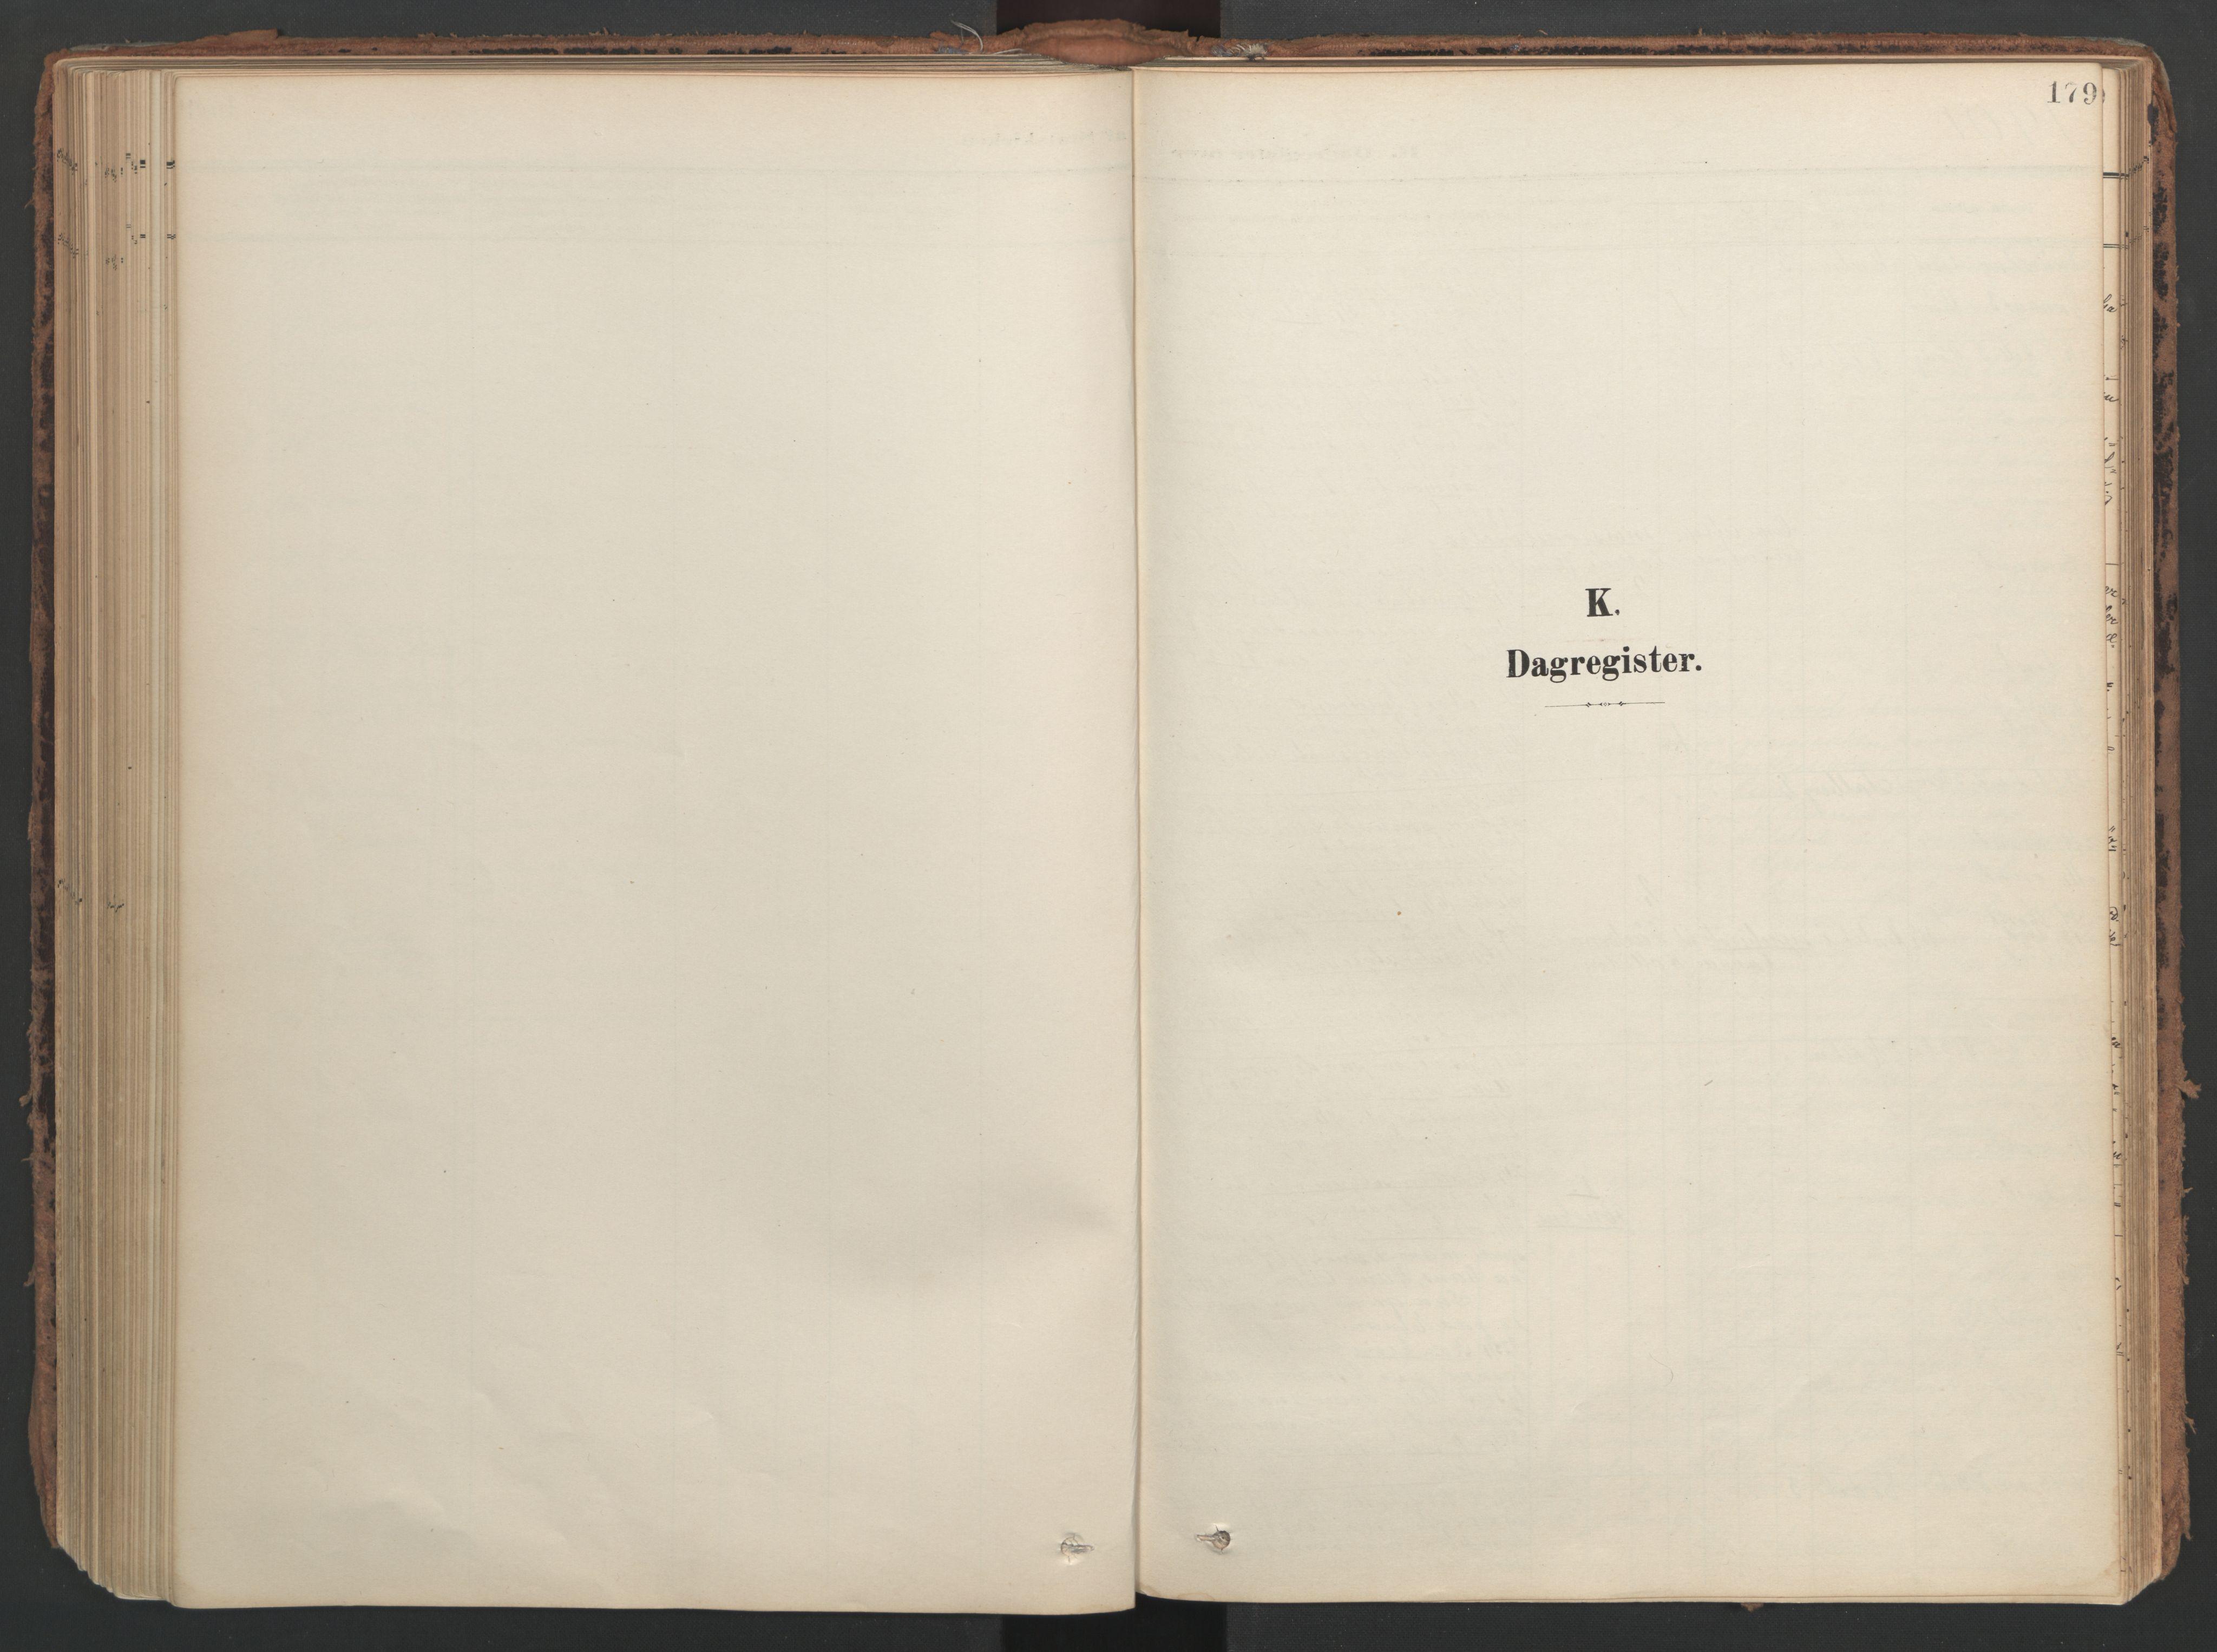 SAT, Ministerialprotokoller, klokkerbøker og fødselsregistre - Nord-Trøndelag, 741/L0397: Ministerialbok nr. 741A11, 1901-1911, s. 179